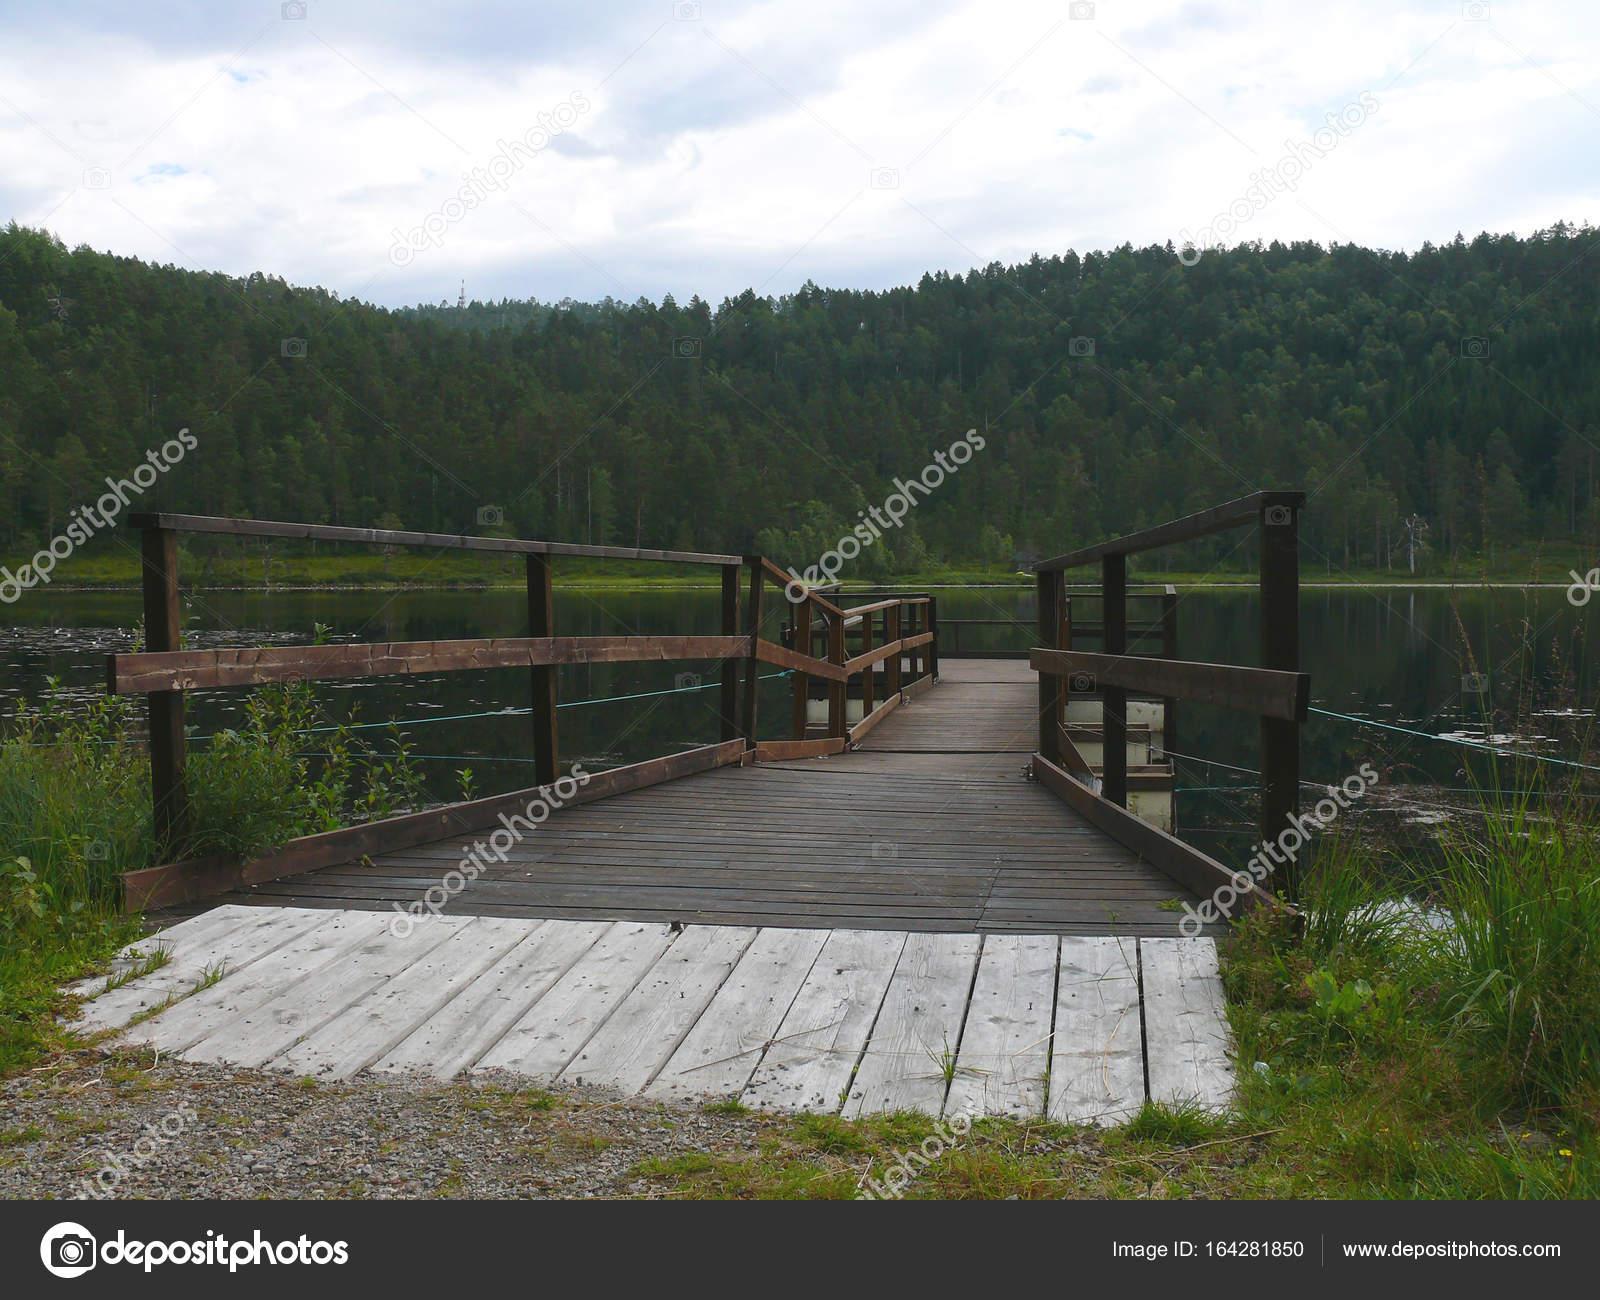 Norvegia bosco stagno e piccolo molo foto stock for Piccolo stagno